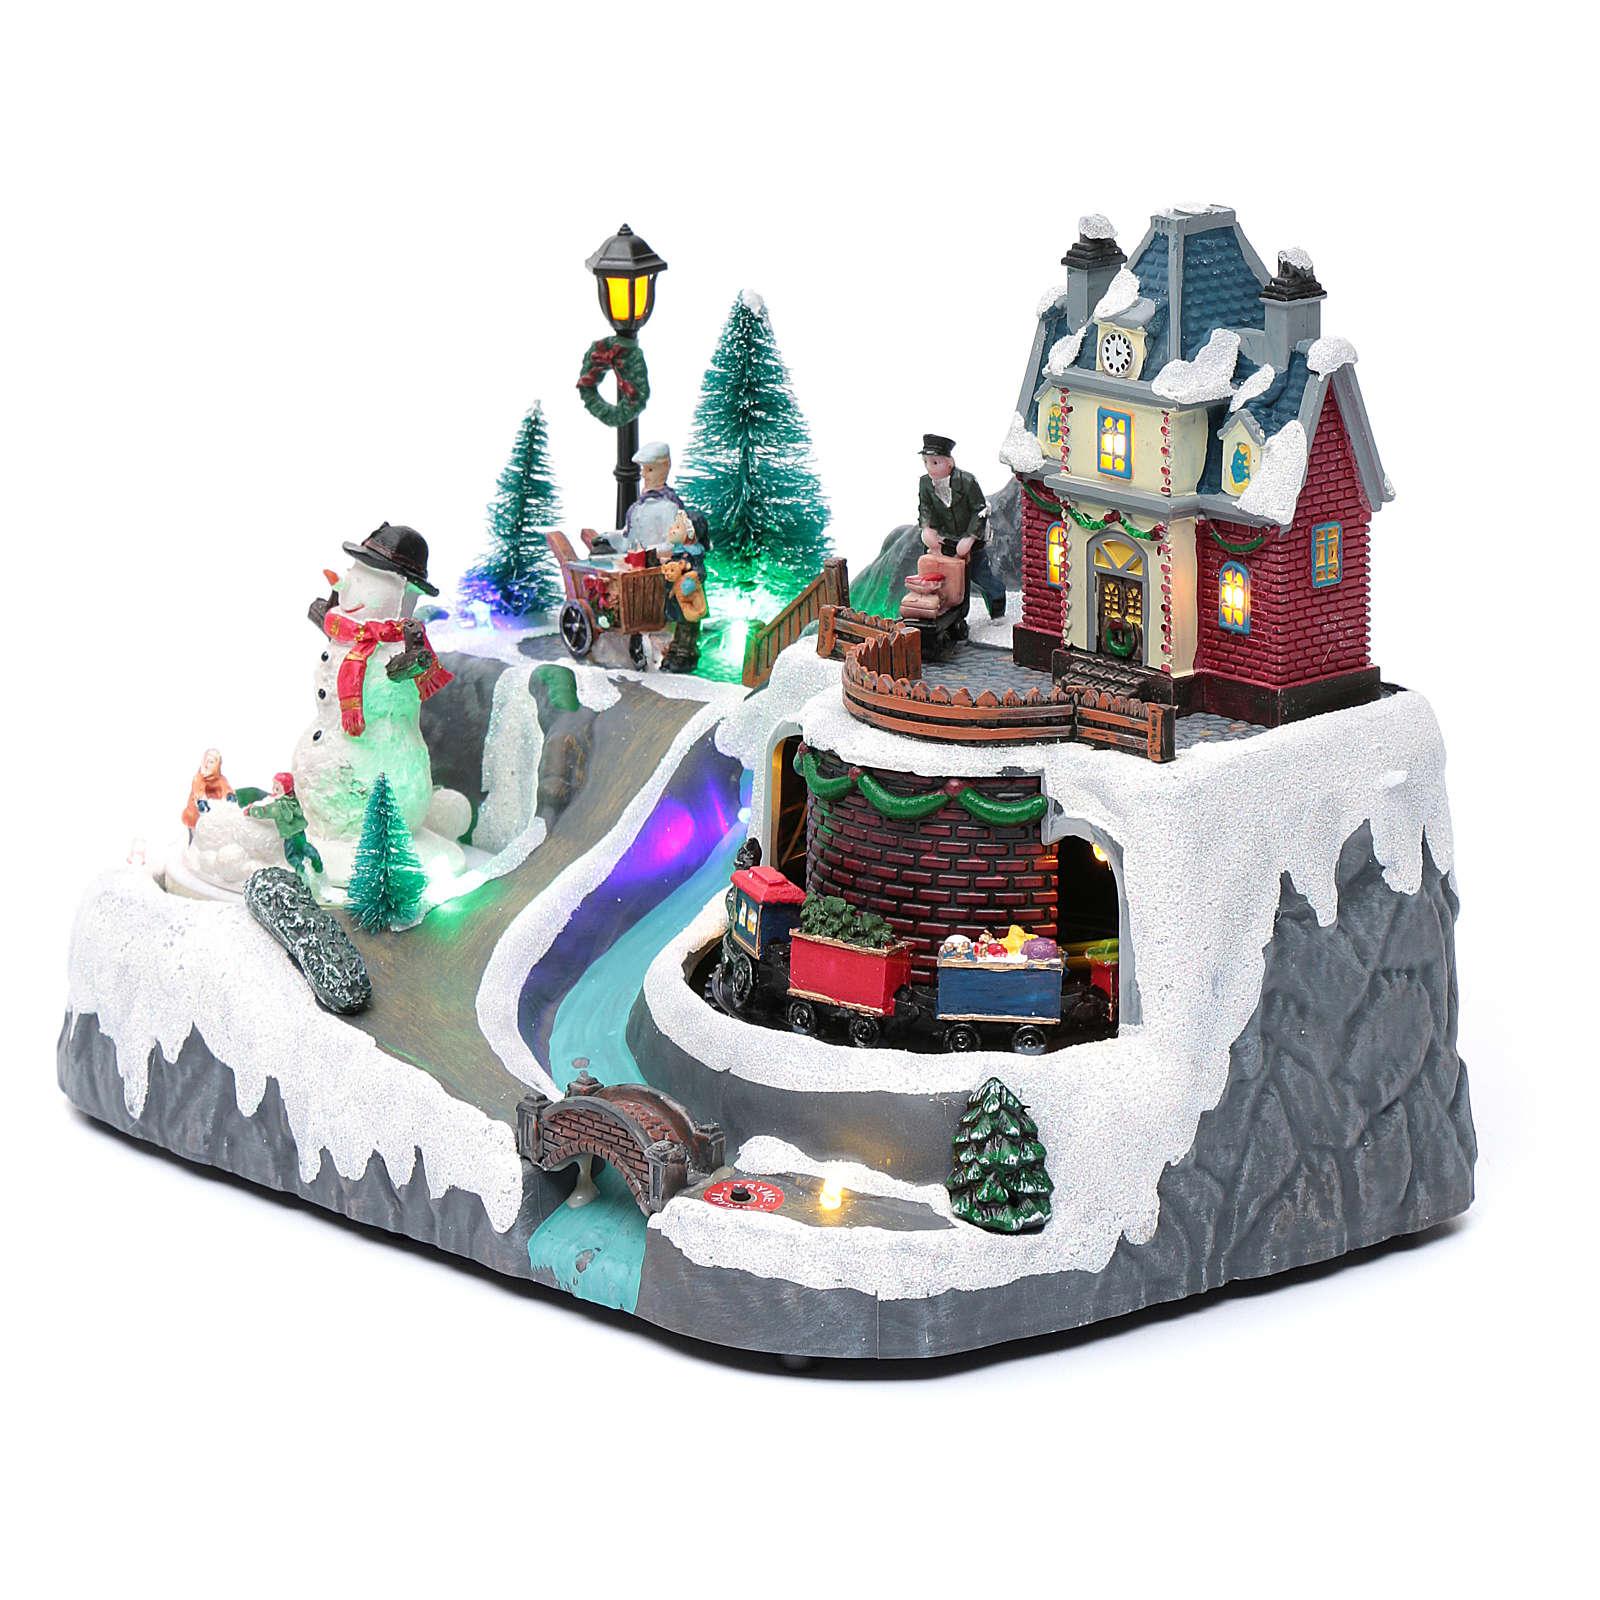 Weihnachtsszene Zug und Schneemann 20x25x20cm Licht und Bewegung 3